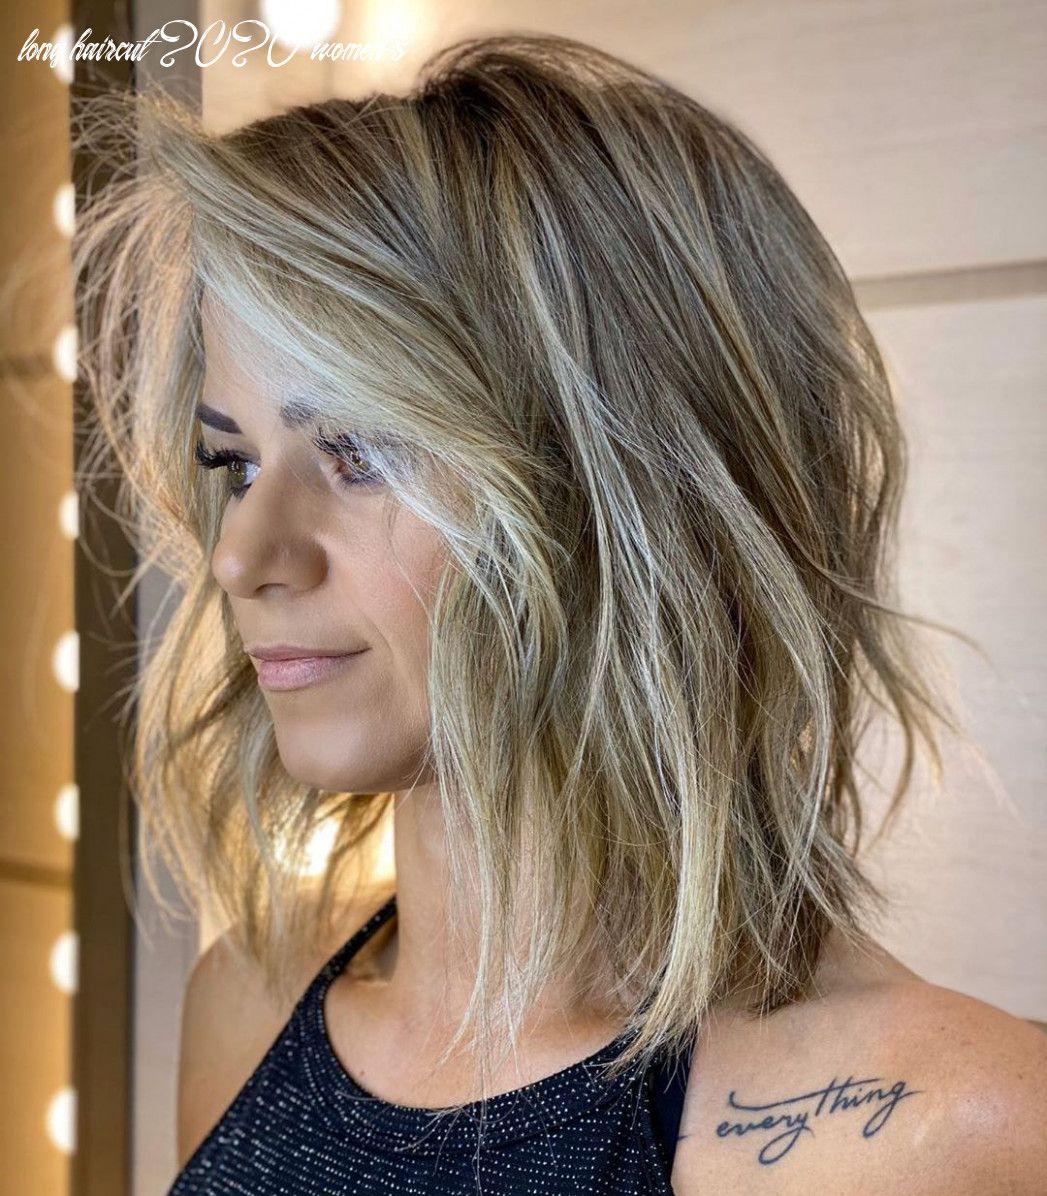 46+ Medium haircuts 2020 female ideas